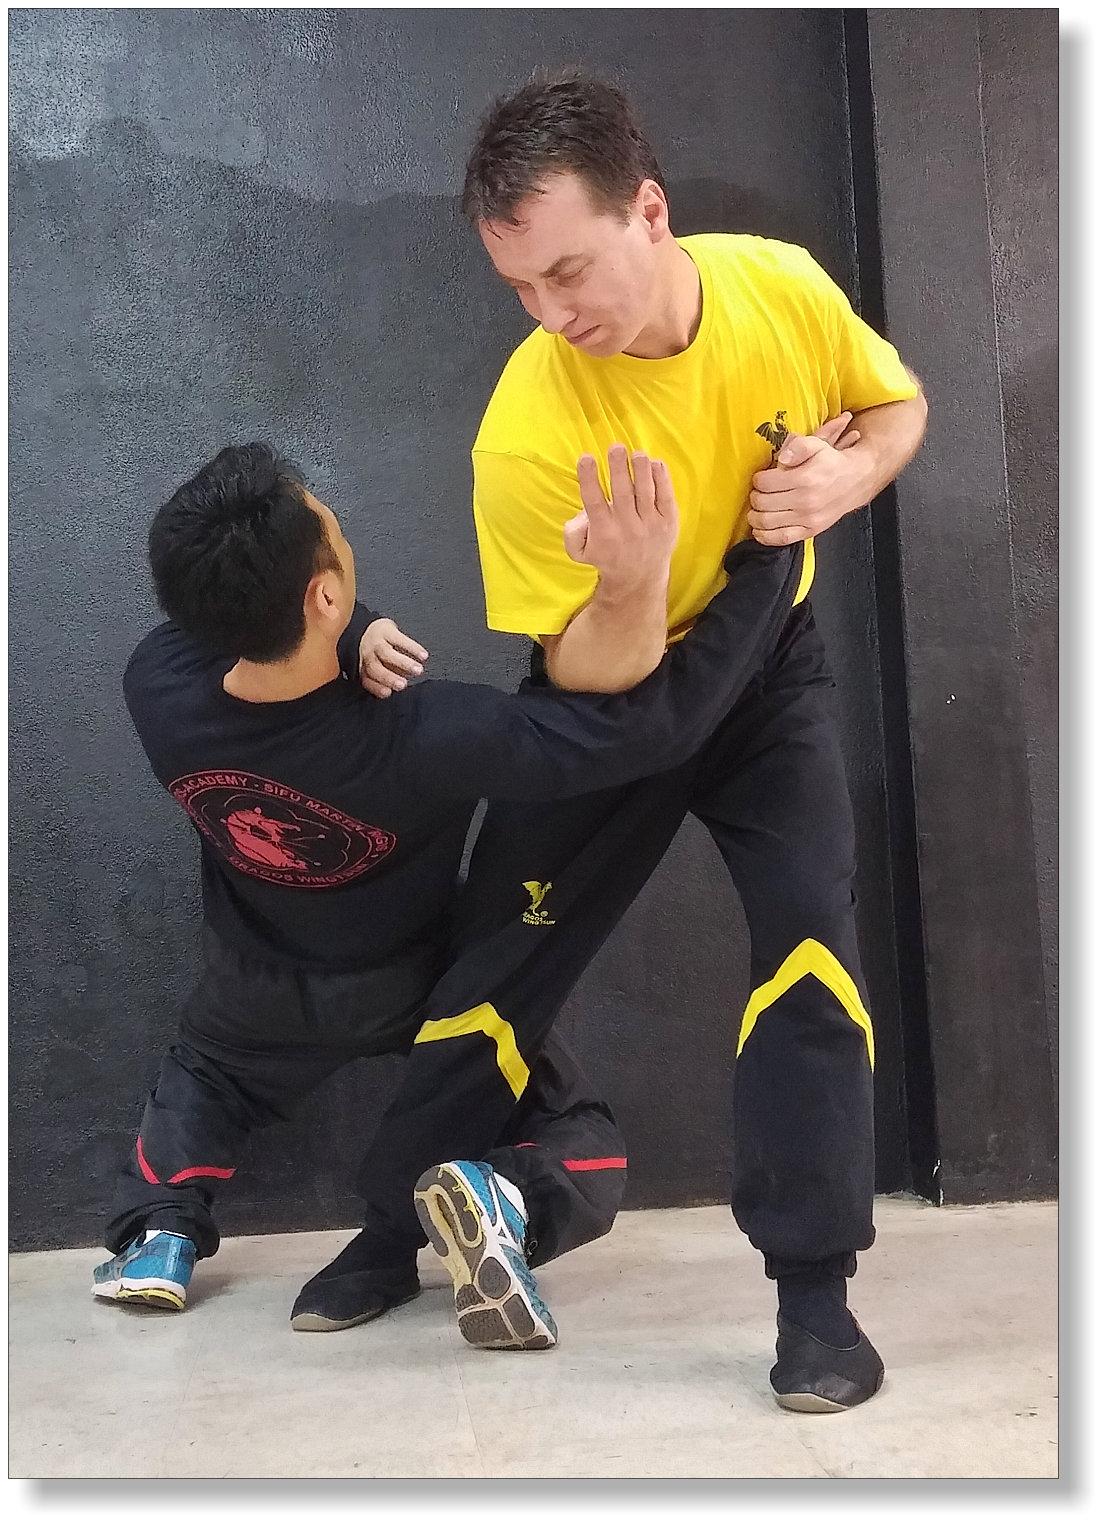 Unsere Tutoren werden von Dai-Sifu Martin Dragos persönlich ausgebildet